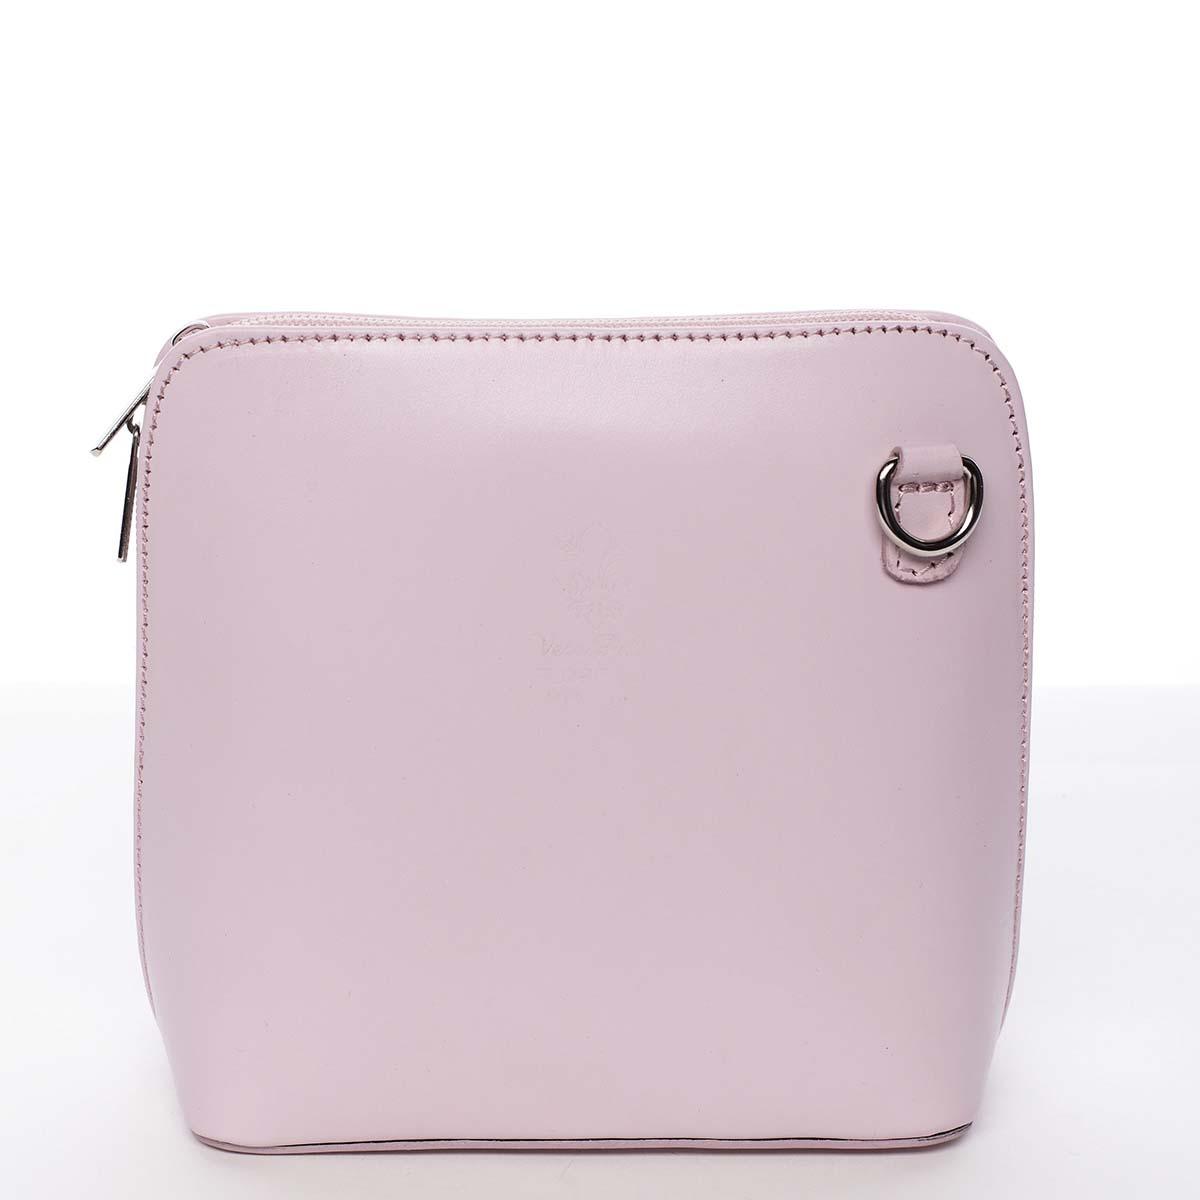 Dámská kožená crossbody kabelka růžová - ItalY Hannah